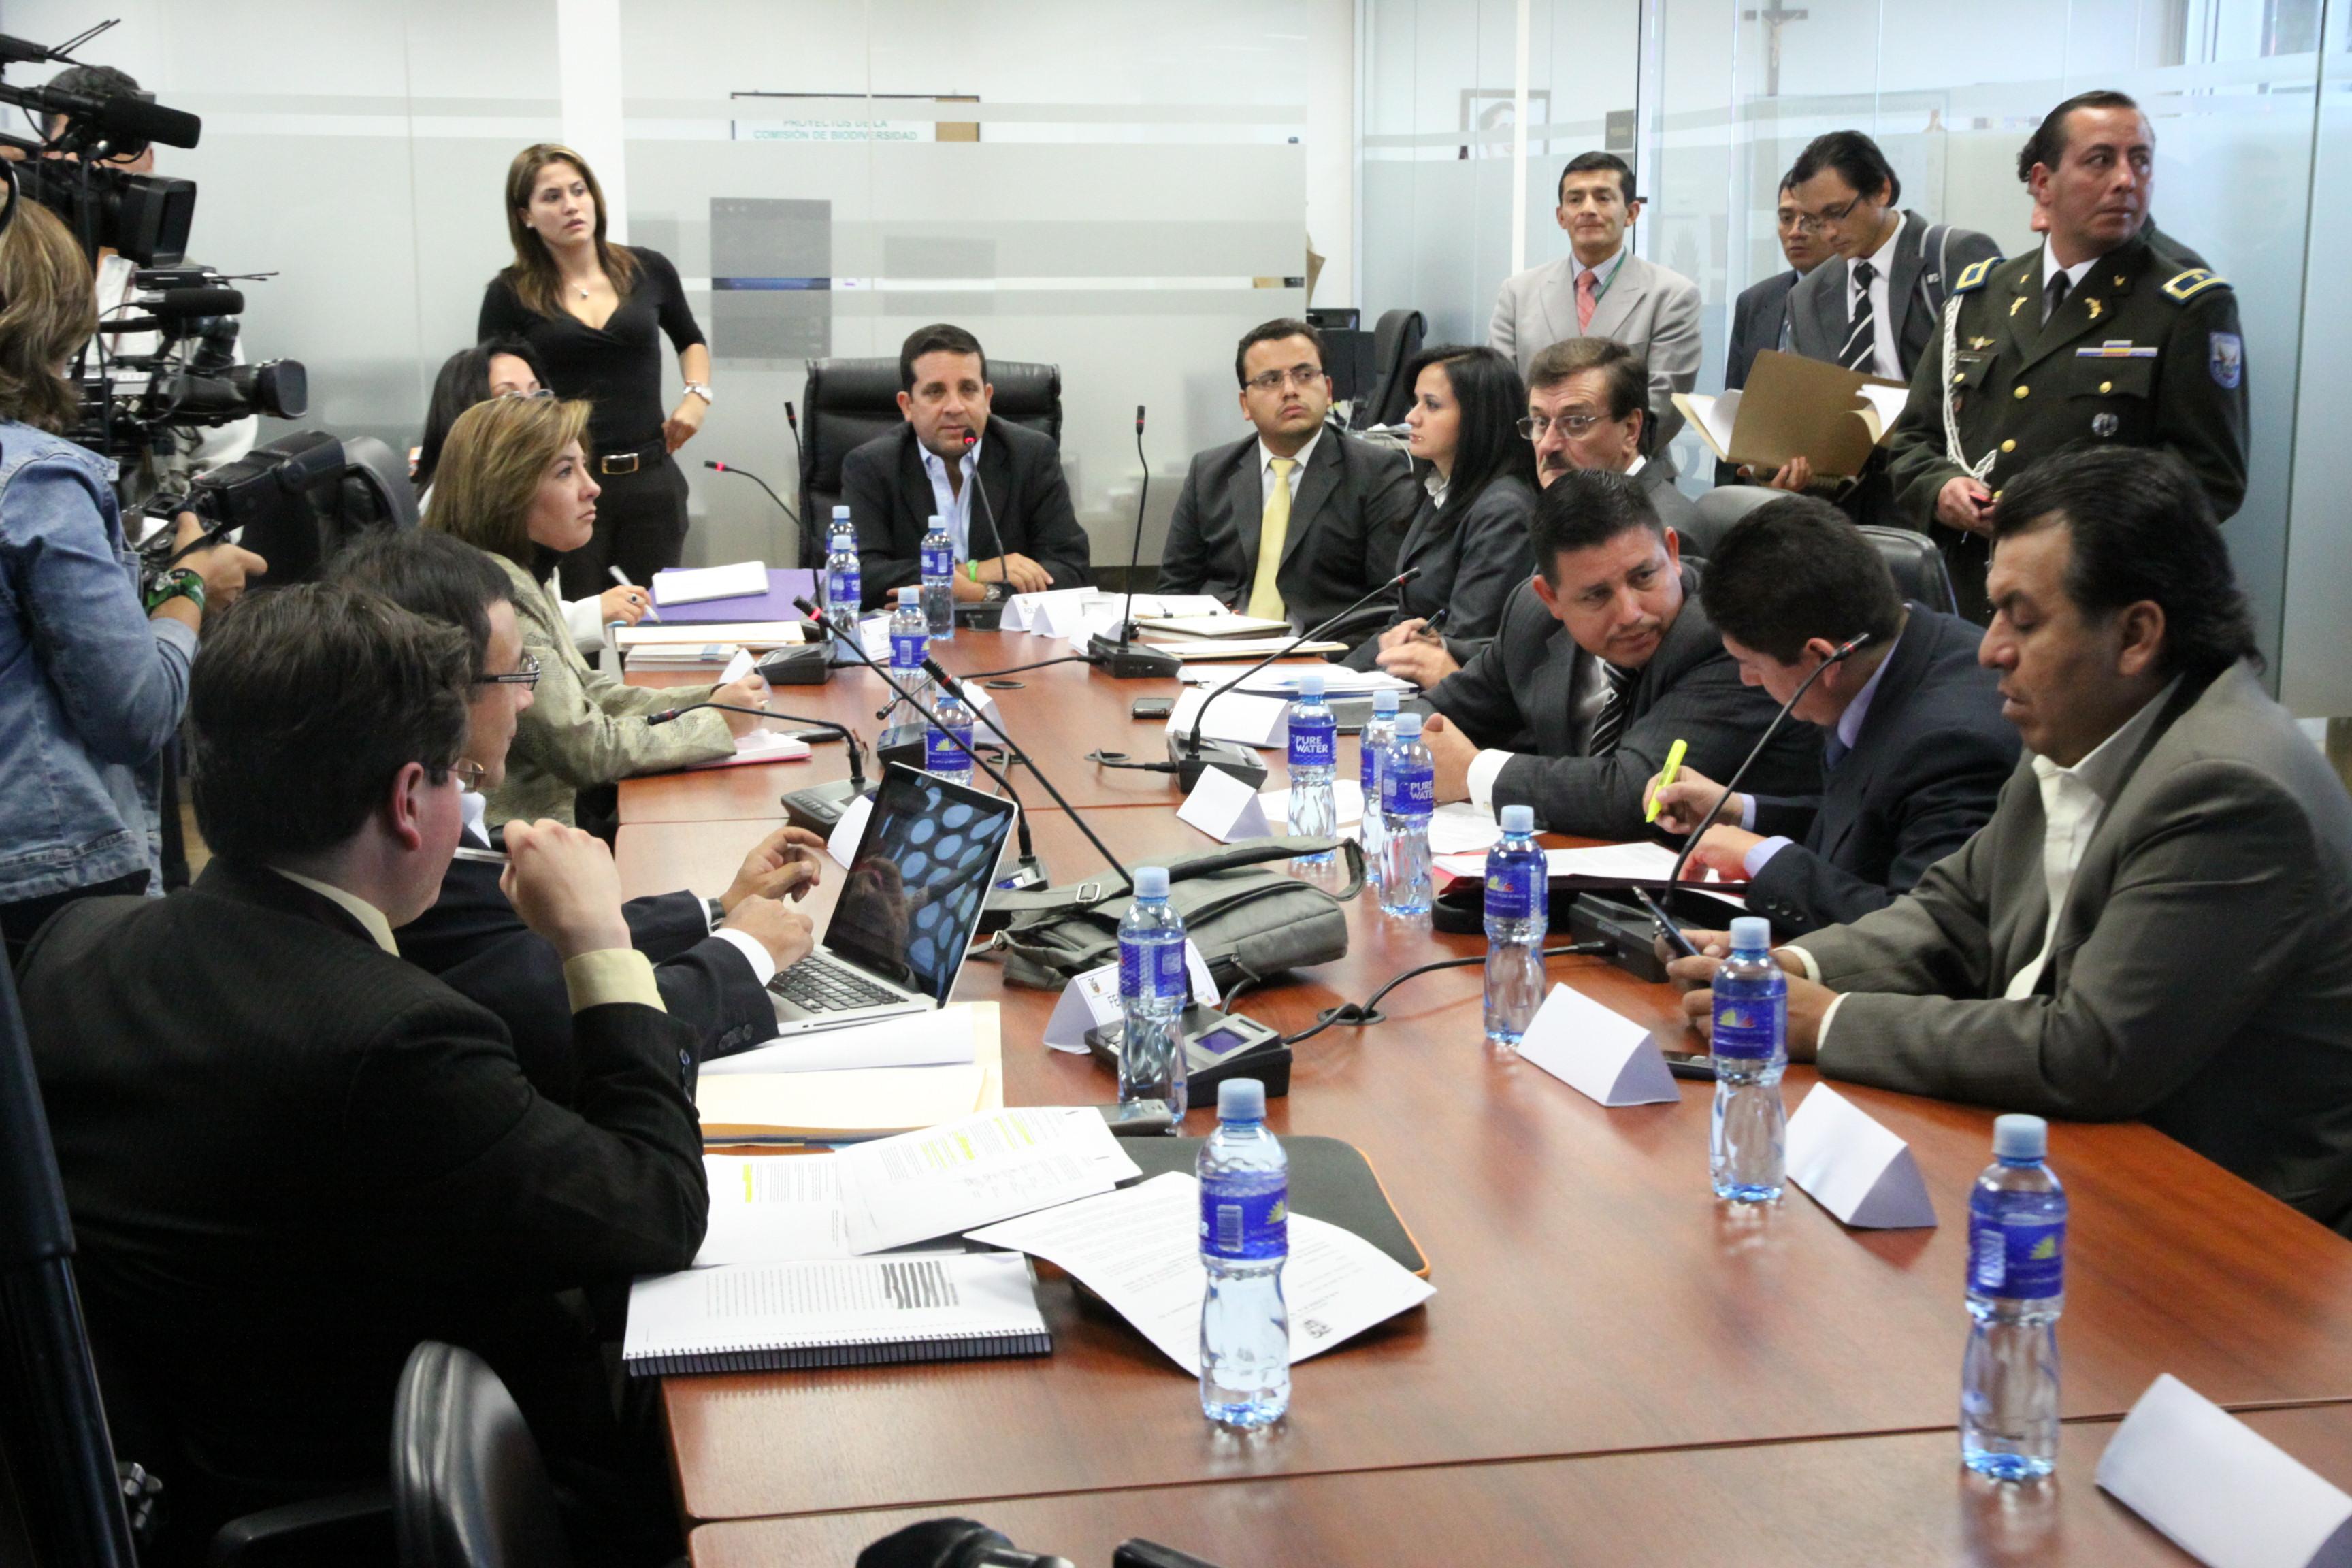 Comisión de Biodiversidad recibe a Wilson Paśtor, ministro de Recursos No Renovables, a Marcela Aguiñaga, del Ambiente y al Presidente Ejecutivo de Petroecuador